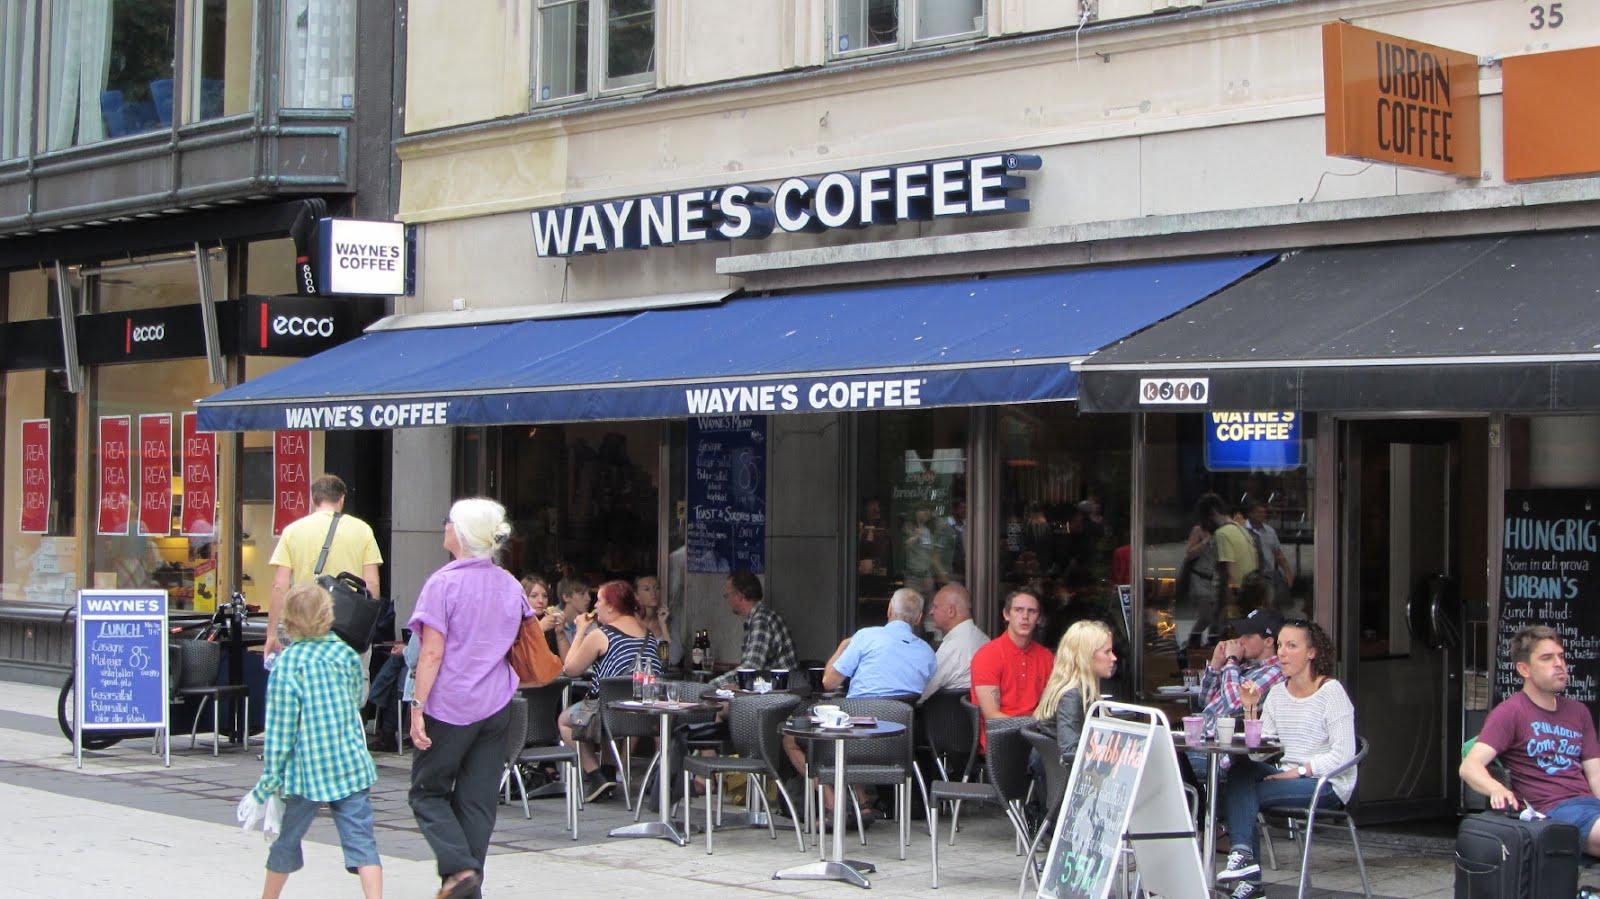 WayneS Coffee Tampere